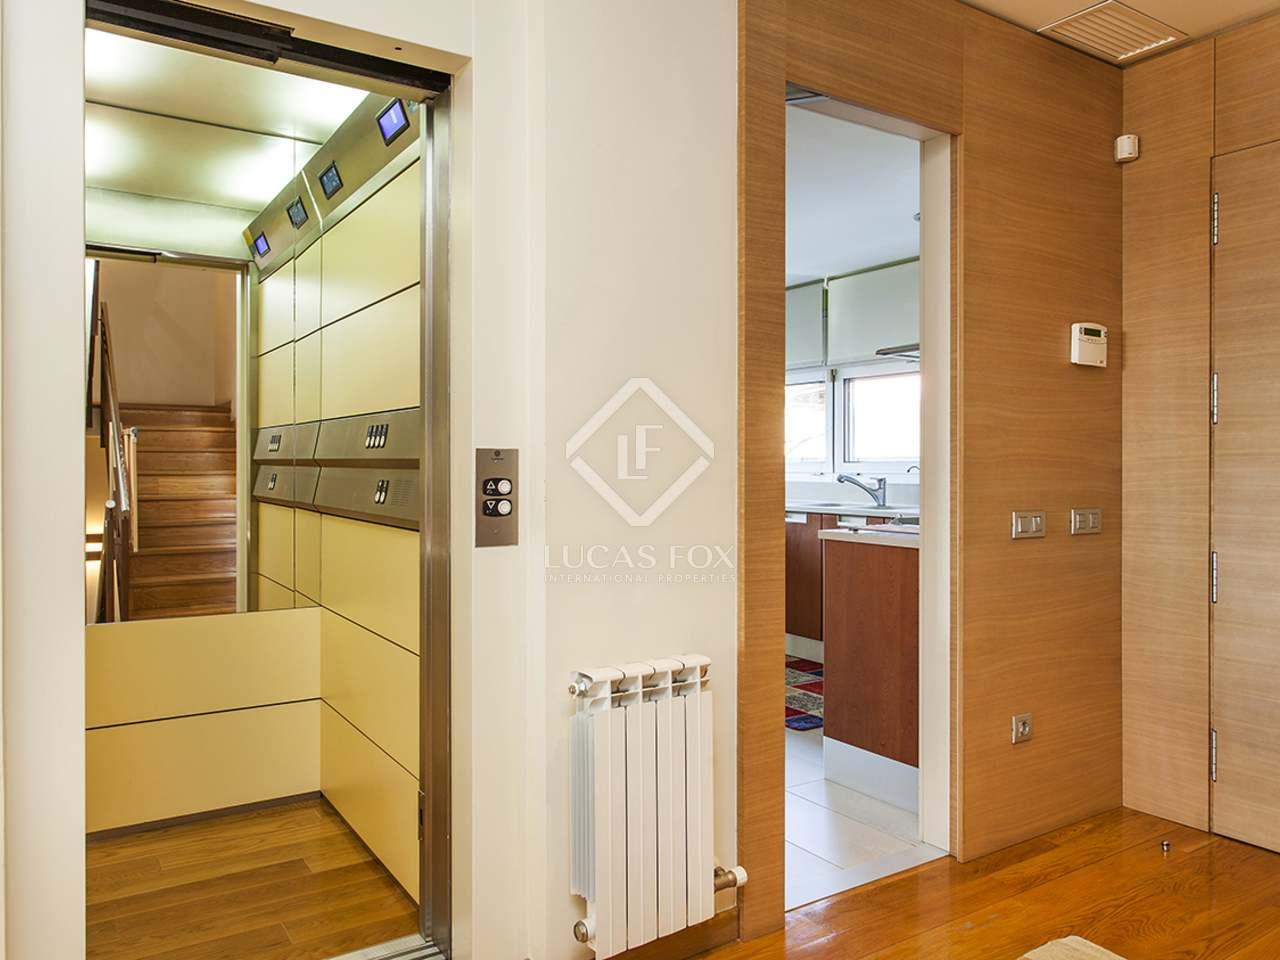 Casa adosada de lujo en alquiler en la zona alta de barcelona - Zona alta barcelona ...